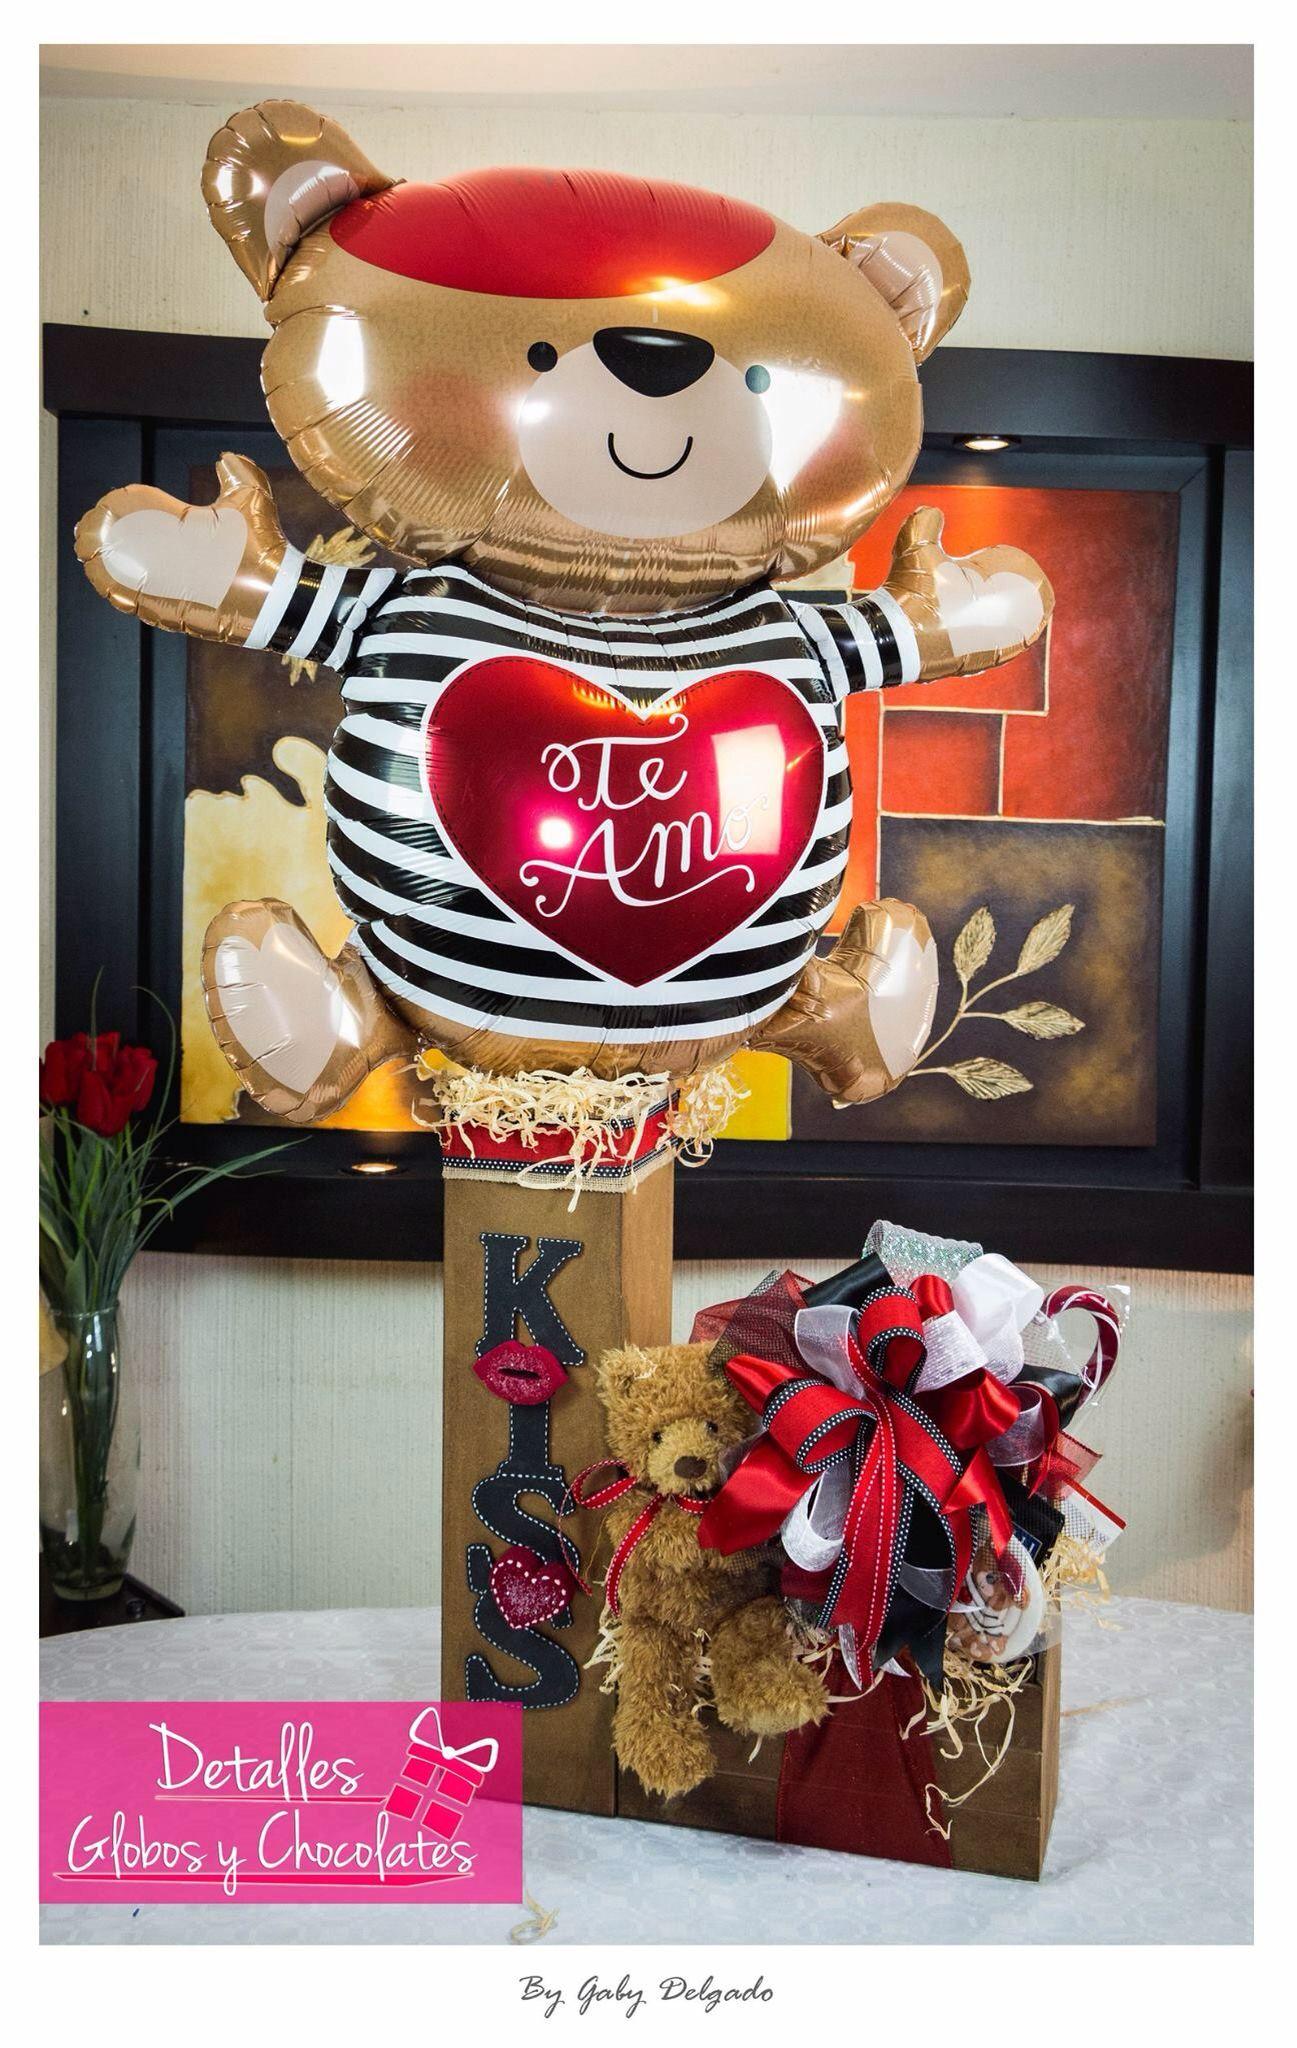 De 14 Febrero Y Arreglos 14 Para Del Amor La En De El Febrero Dia De Madera Caja Amistad